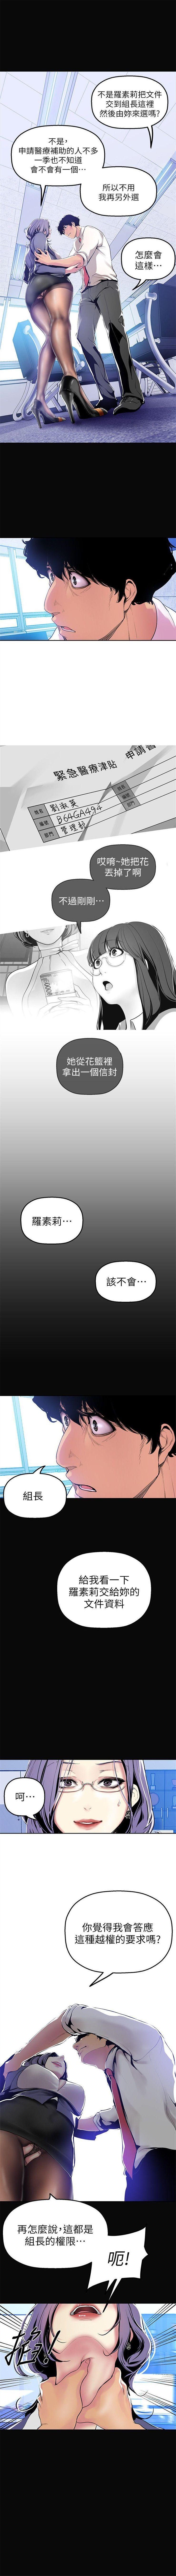 美麗新世界 1-85 官方中文(連載中) 276